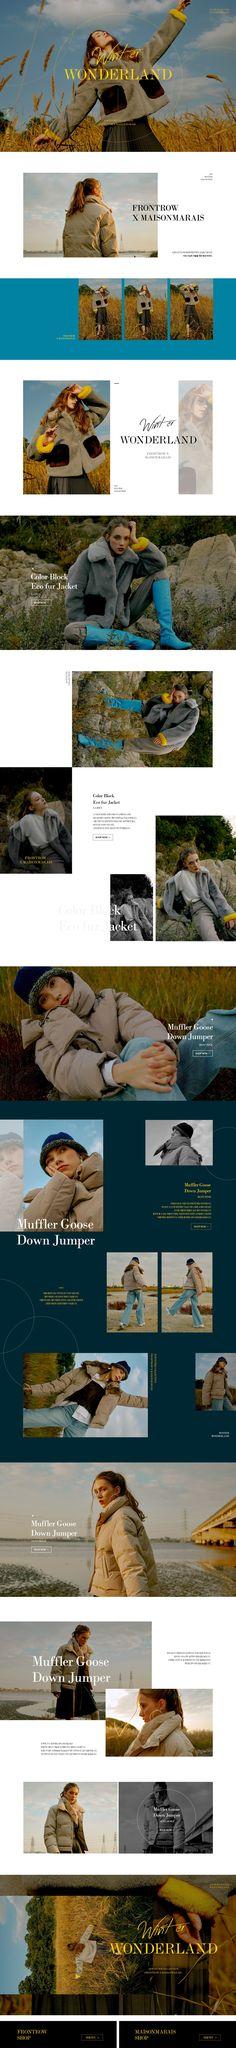 Ppt Design, Web Design Tips, Layout Design, Design Trends, Minimal Web Design, Website Layout, Web Layout, Website Design Inspiration, Contents Page Design